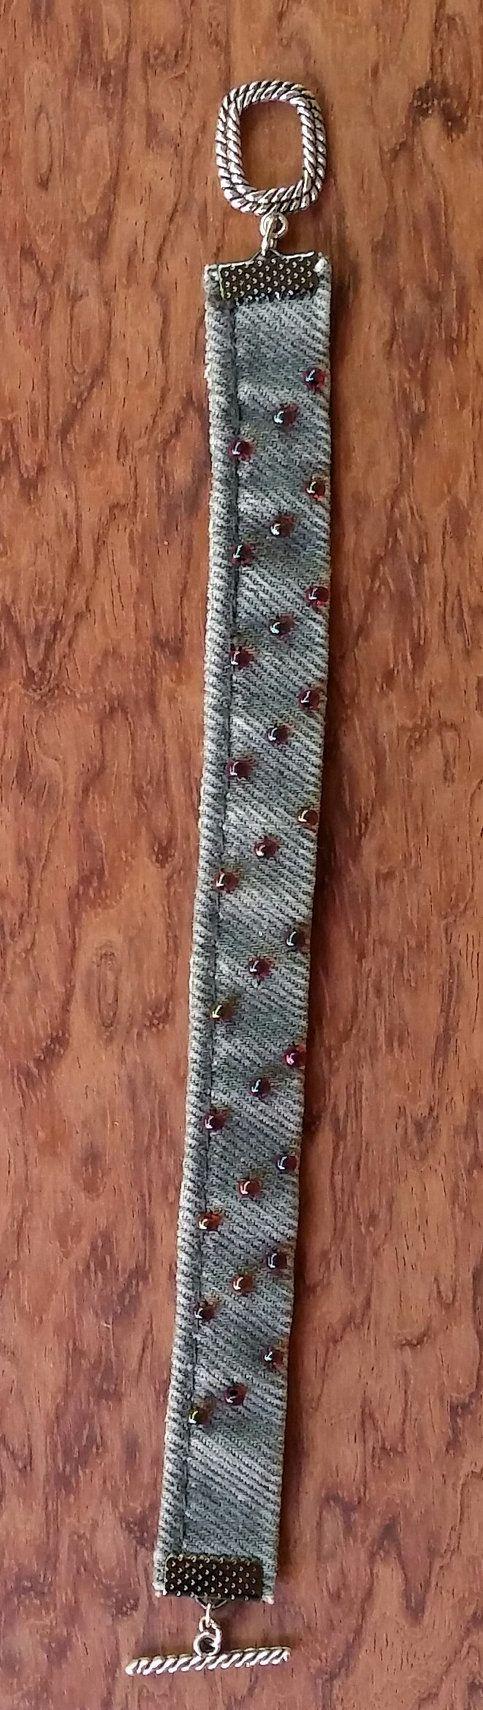 Esta pulsera denim gris se hace de un par de reciclado, pantalones de mezclilla gris reciclado. Hay granos de la semilla de cristal roja cosidos sobre el dril de algodón con un hilo de nylon resistente. Estos granos de la semilla de cristal rojo son translúcidos y en el sol reluce de azul y púrpura. Son un gran toque de denim! Las conexiones y cierre de palanca son de metal plateado plata.  Esta pulsera gris del dril de algodón es muy cómoda. No pellizcar o lastimar su brazo cuando se sitúa…